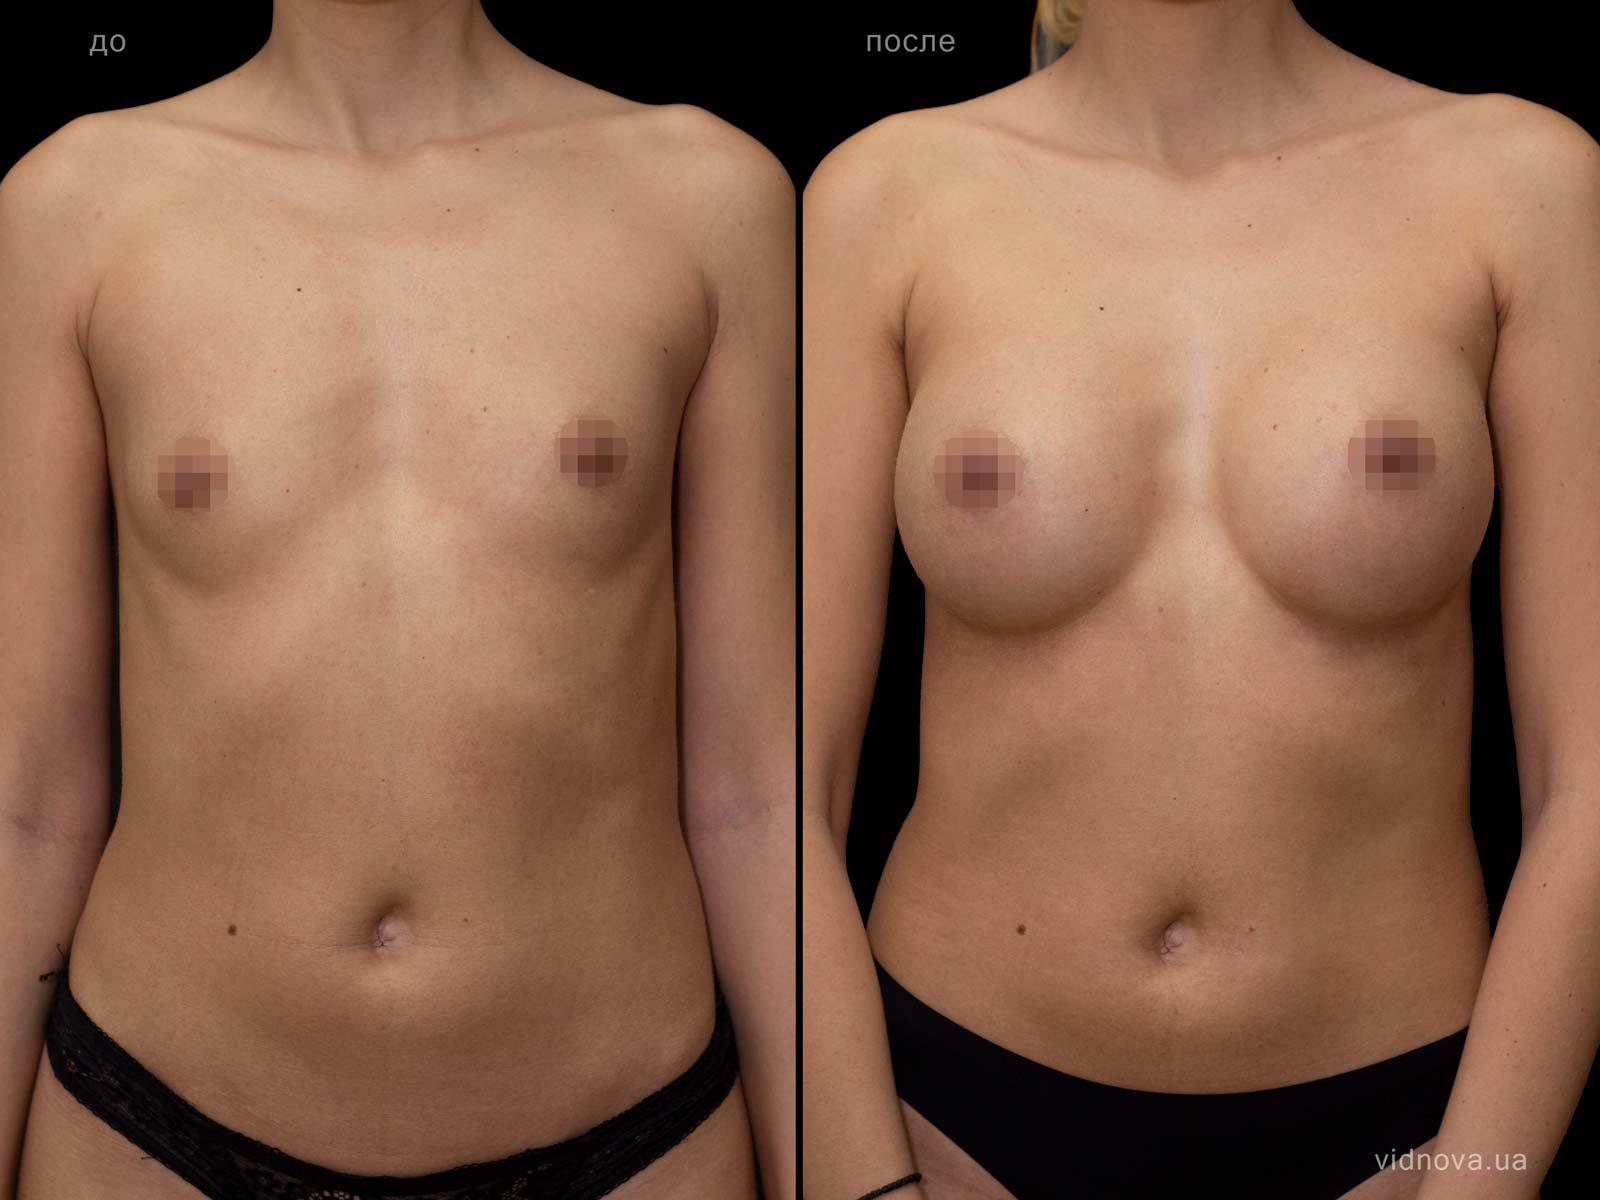 Пластика груди: результаты до и после - Пример №91-0 - Светлана Работенко